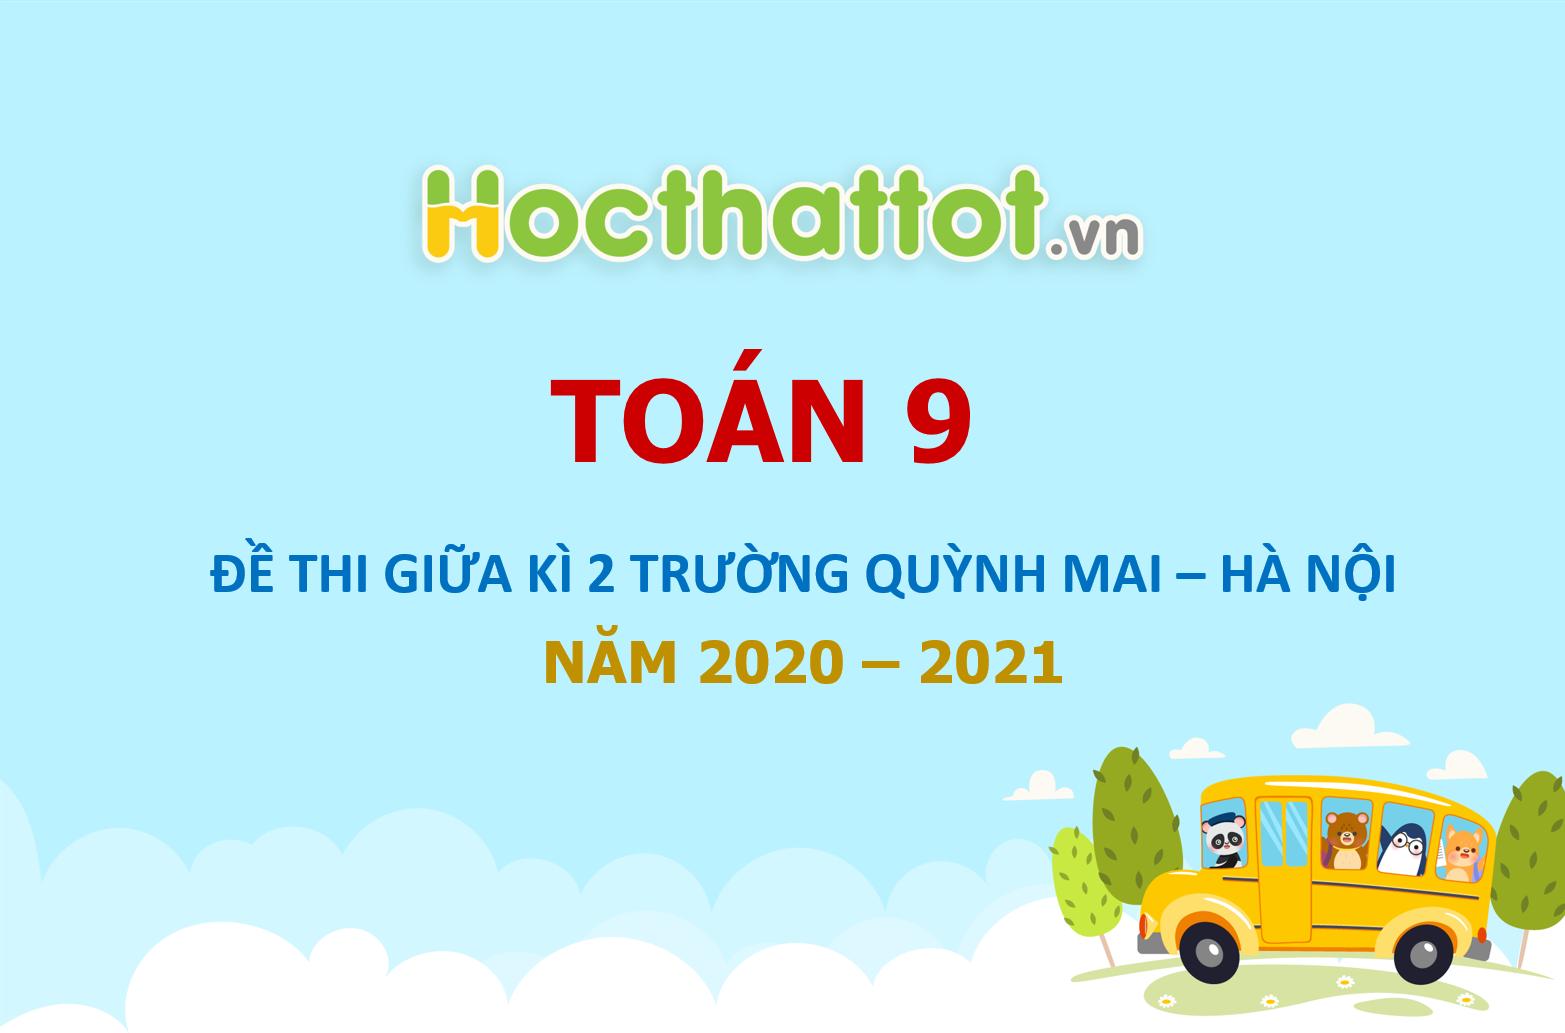 de-kiem-tra-giua-ki-2-toan-9-nam-2020-2021-truong-quynh-mai-ha-noi